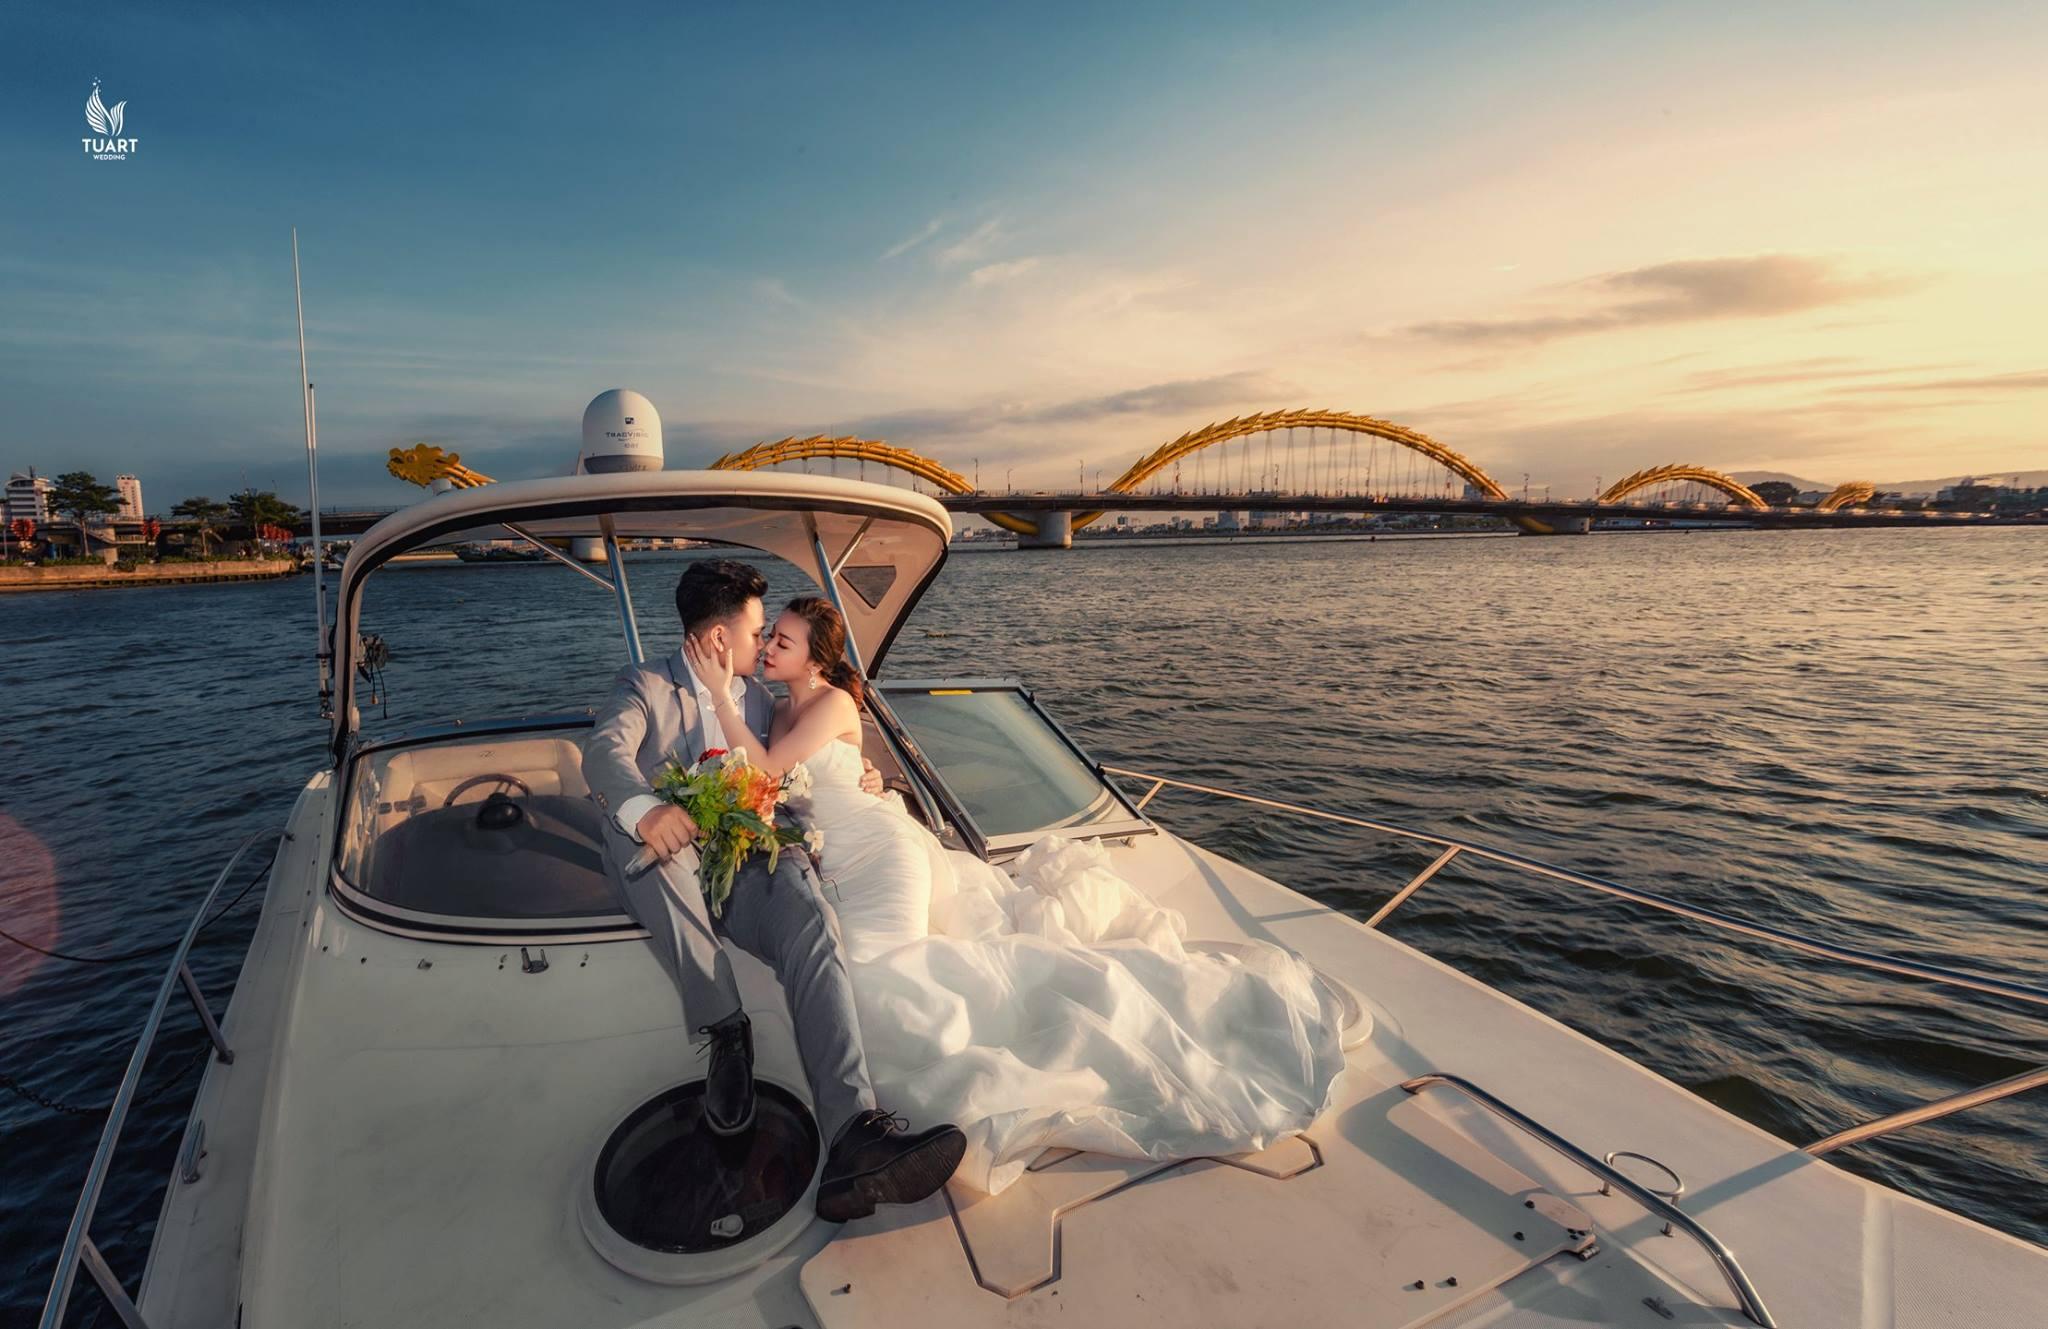 Album tại Đà Nẵng – Album chụp ảnh cưới đẹp Du thuyền trên sông Hàn